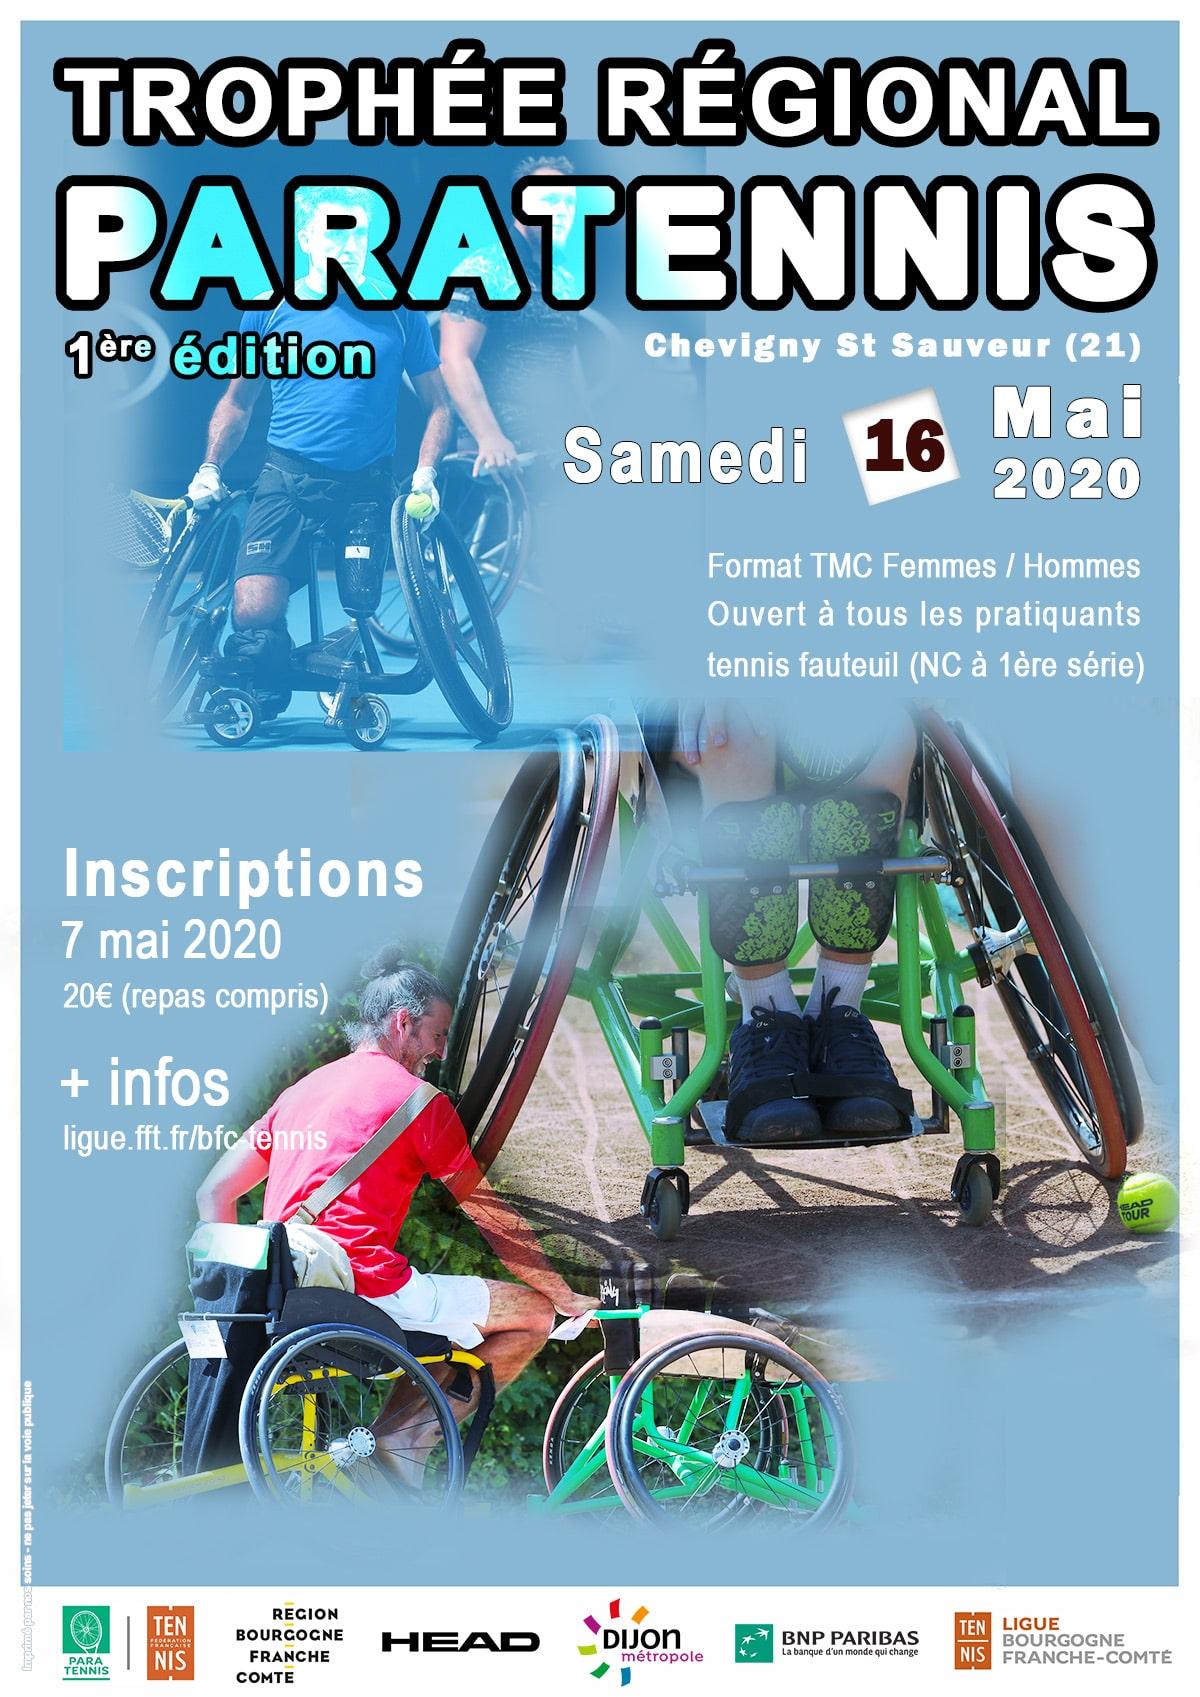 Trophée Régional Para tennis 2020 : Ligue Bourgogne-Franche-Comté de Tennis